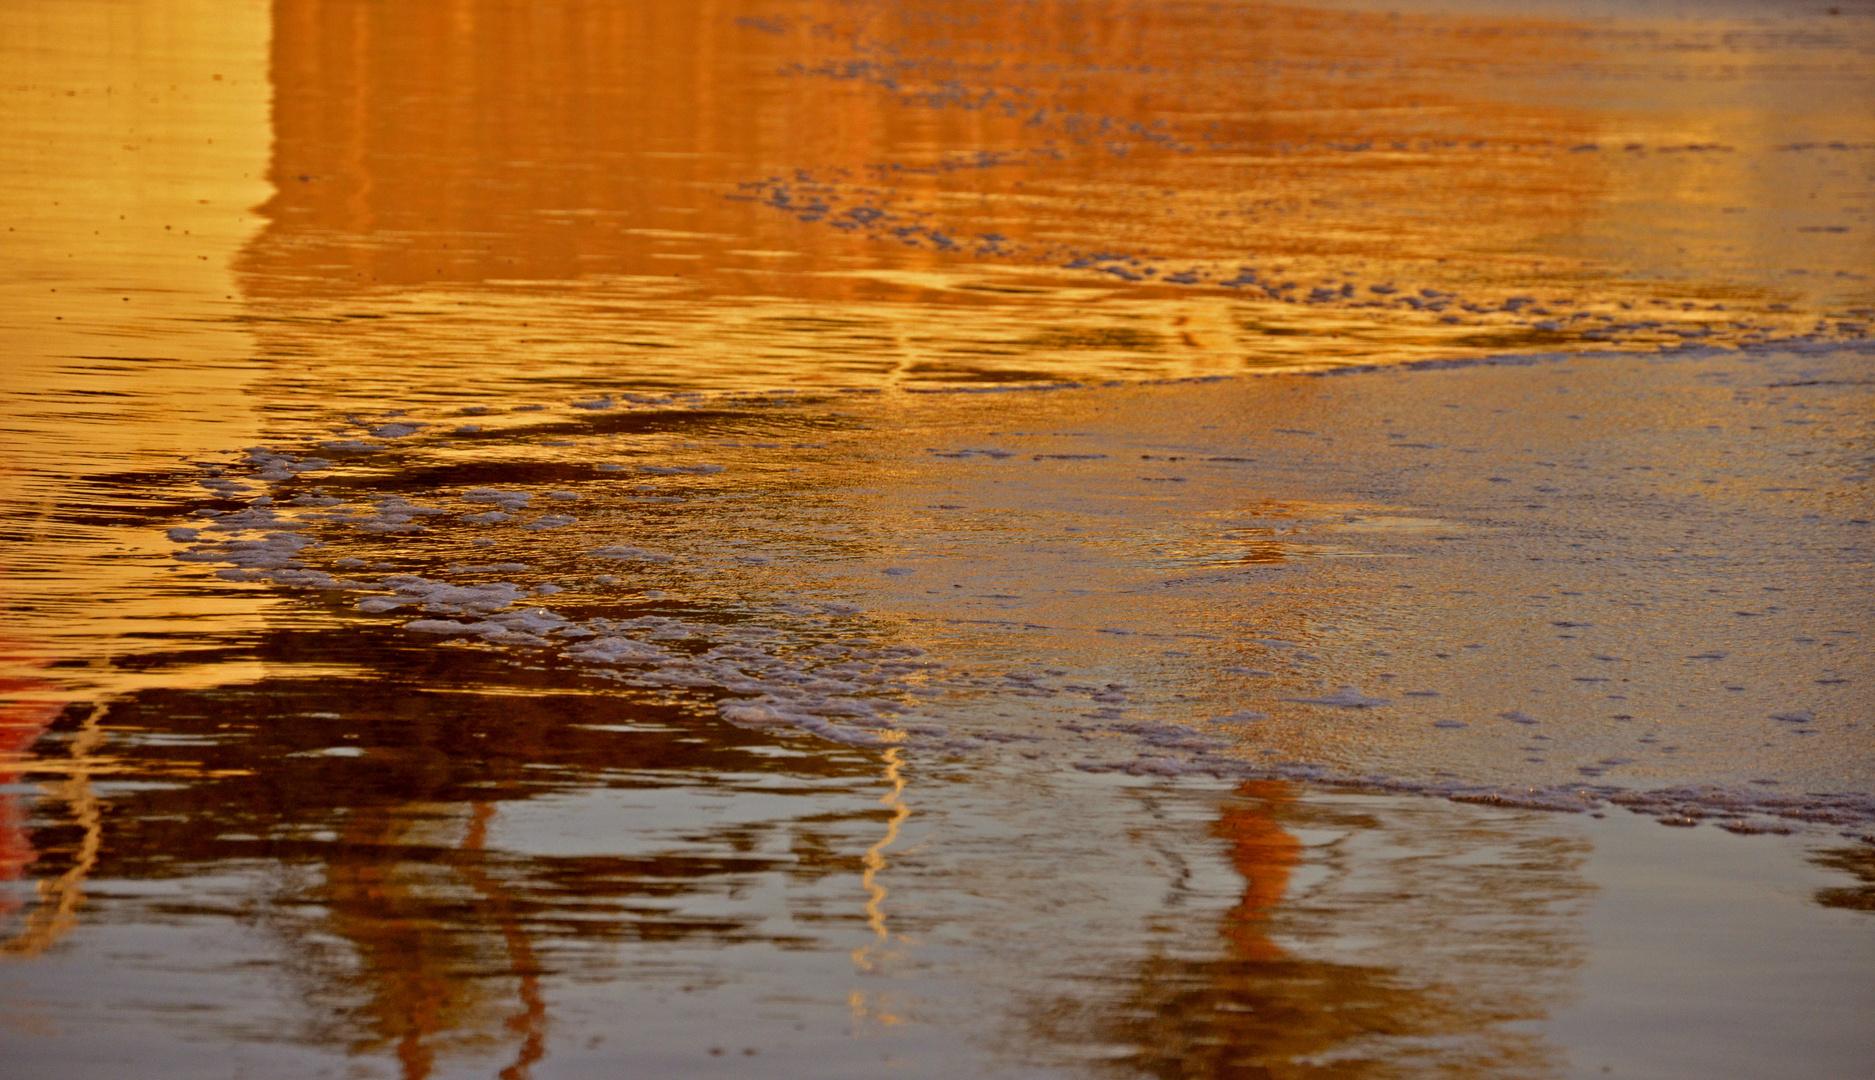 Reflejos en la arena I